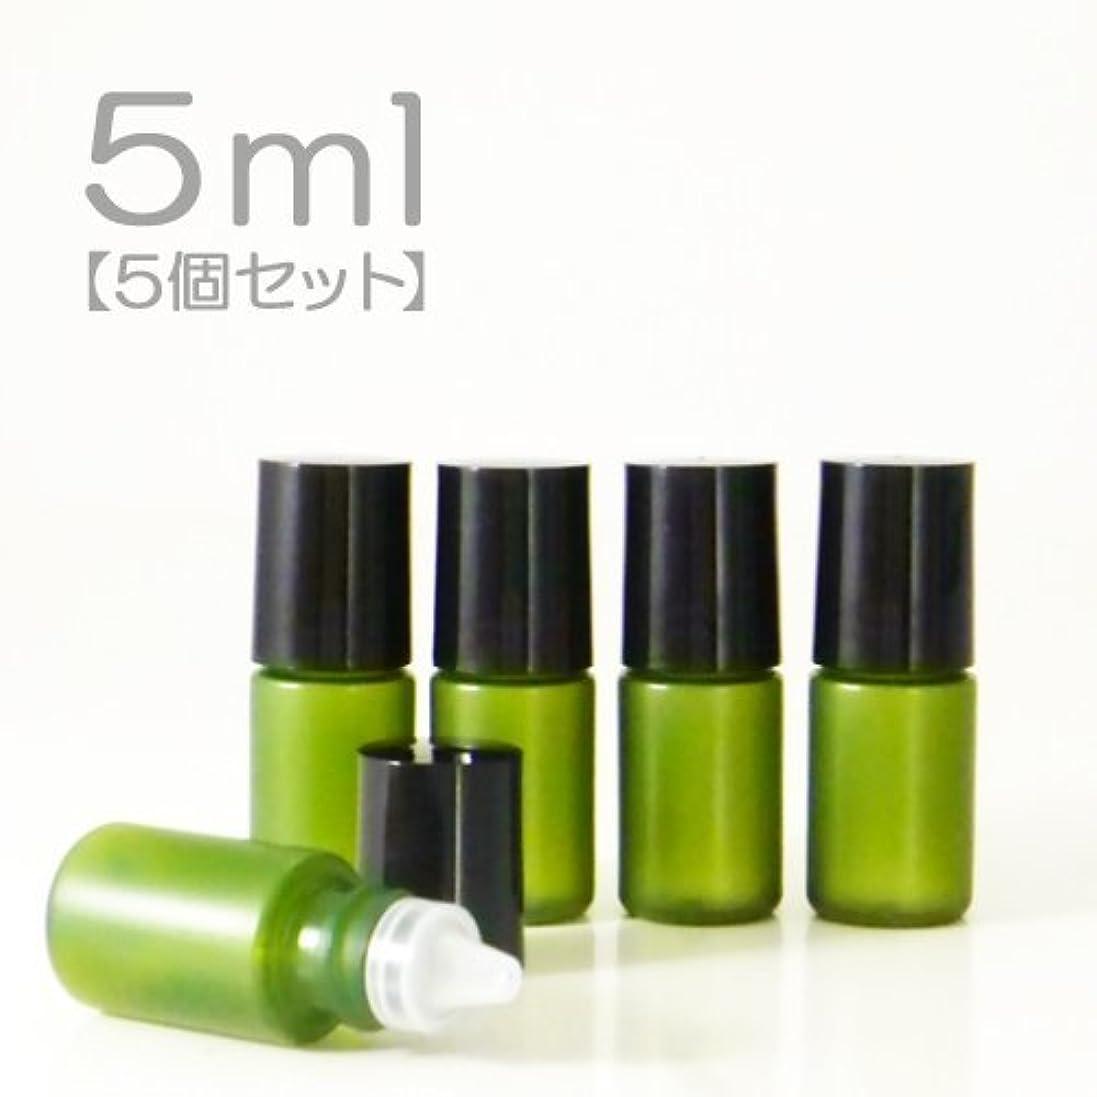 斧クレーン別のミニボトル容器 化粧品容器 グリーン 5ml 5個セット